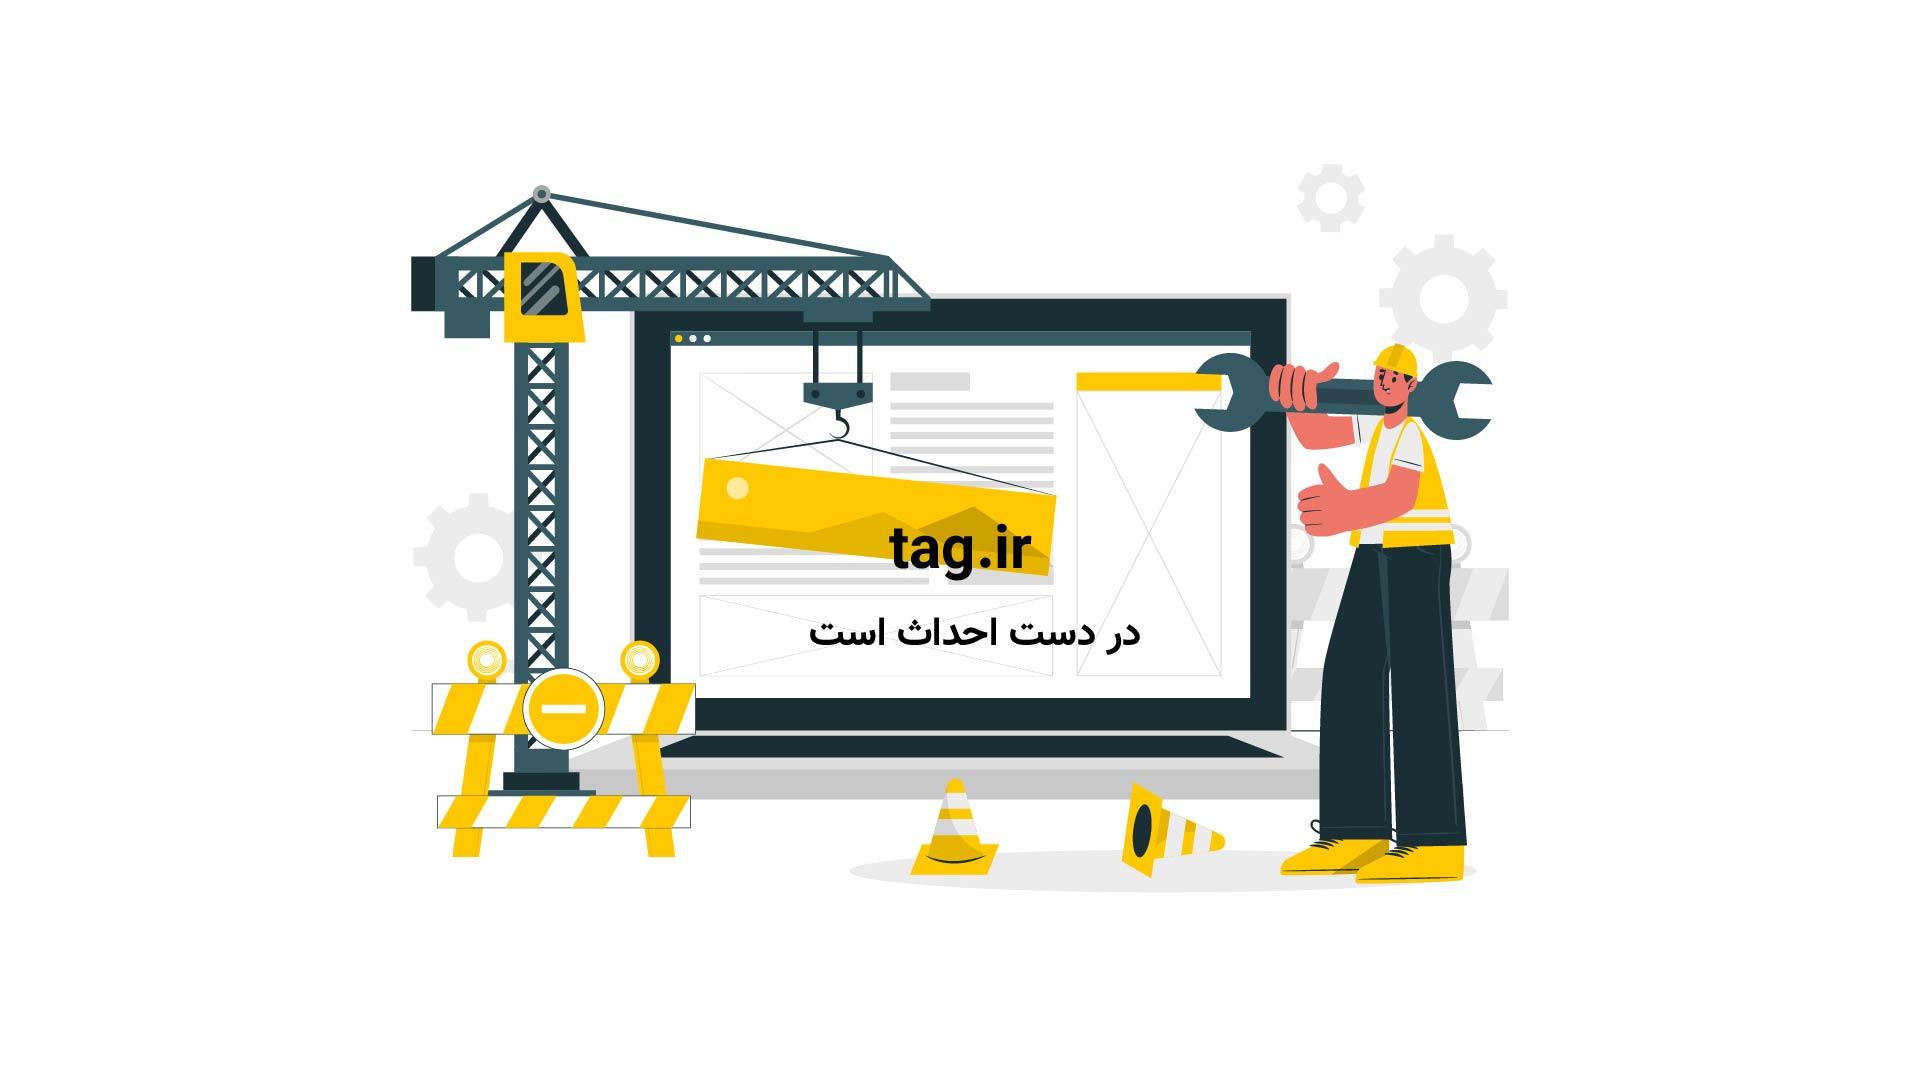 تصاویر دوربین های مدار بسته مجلس | تگ